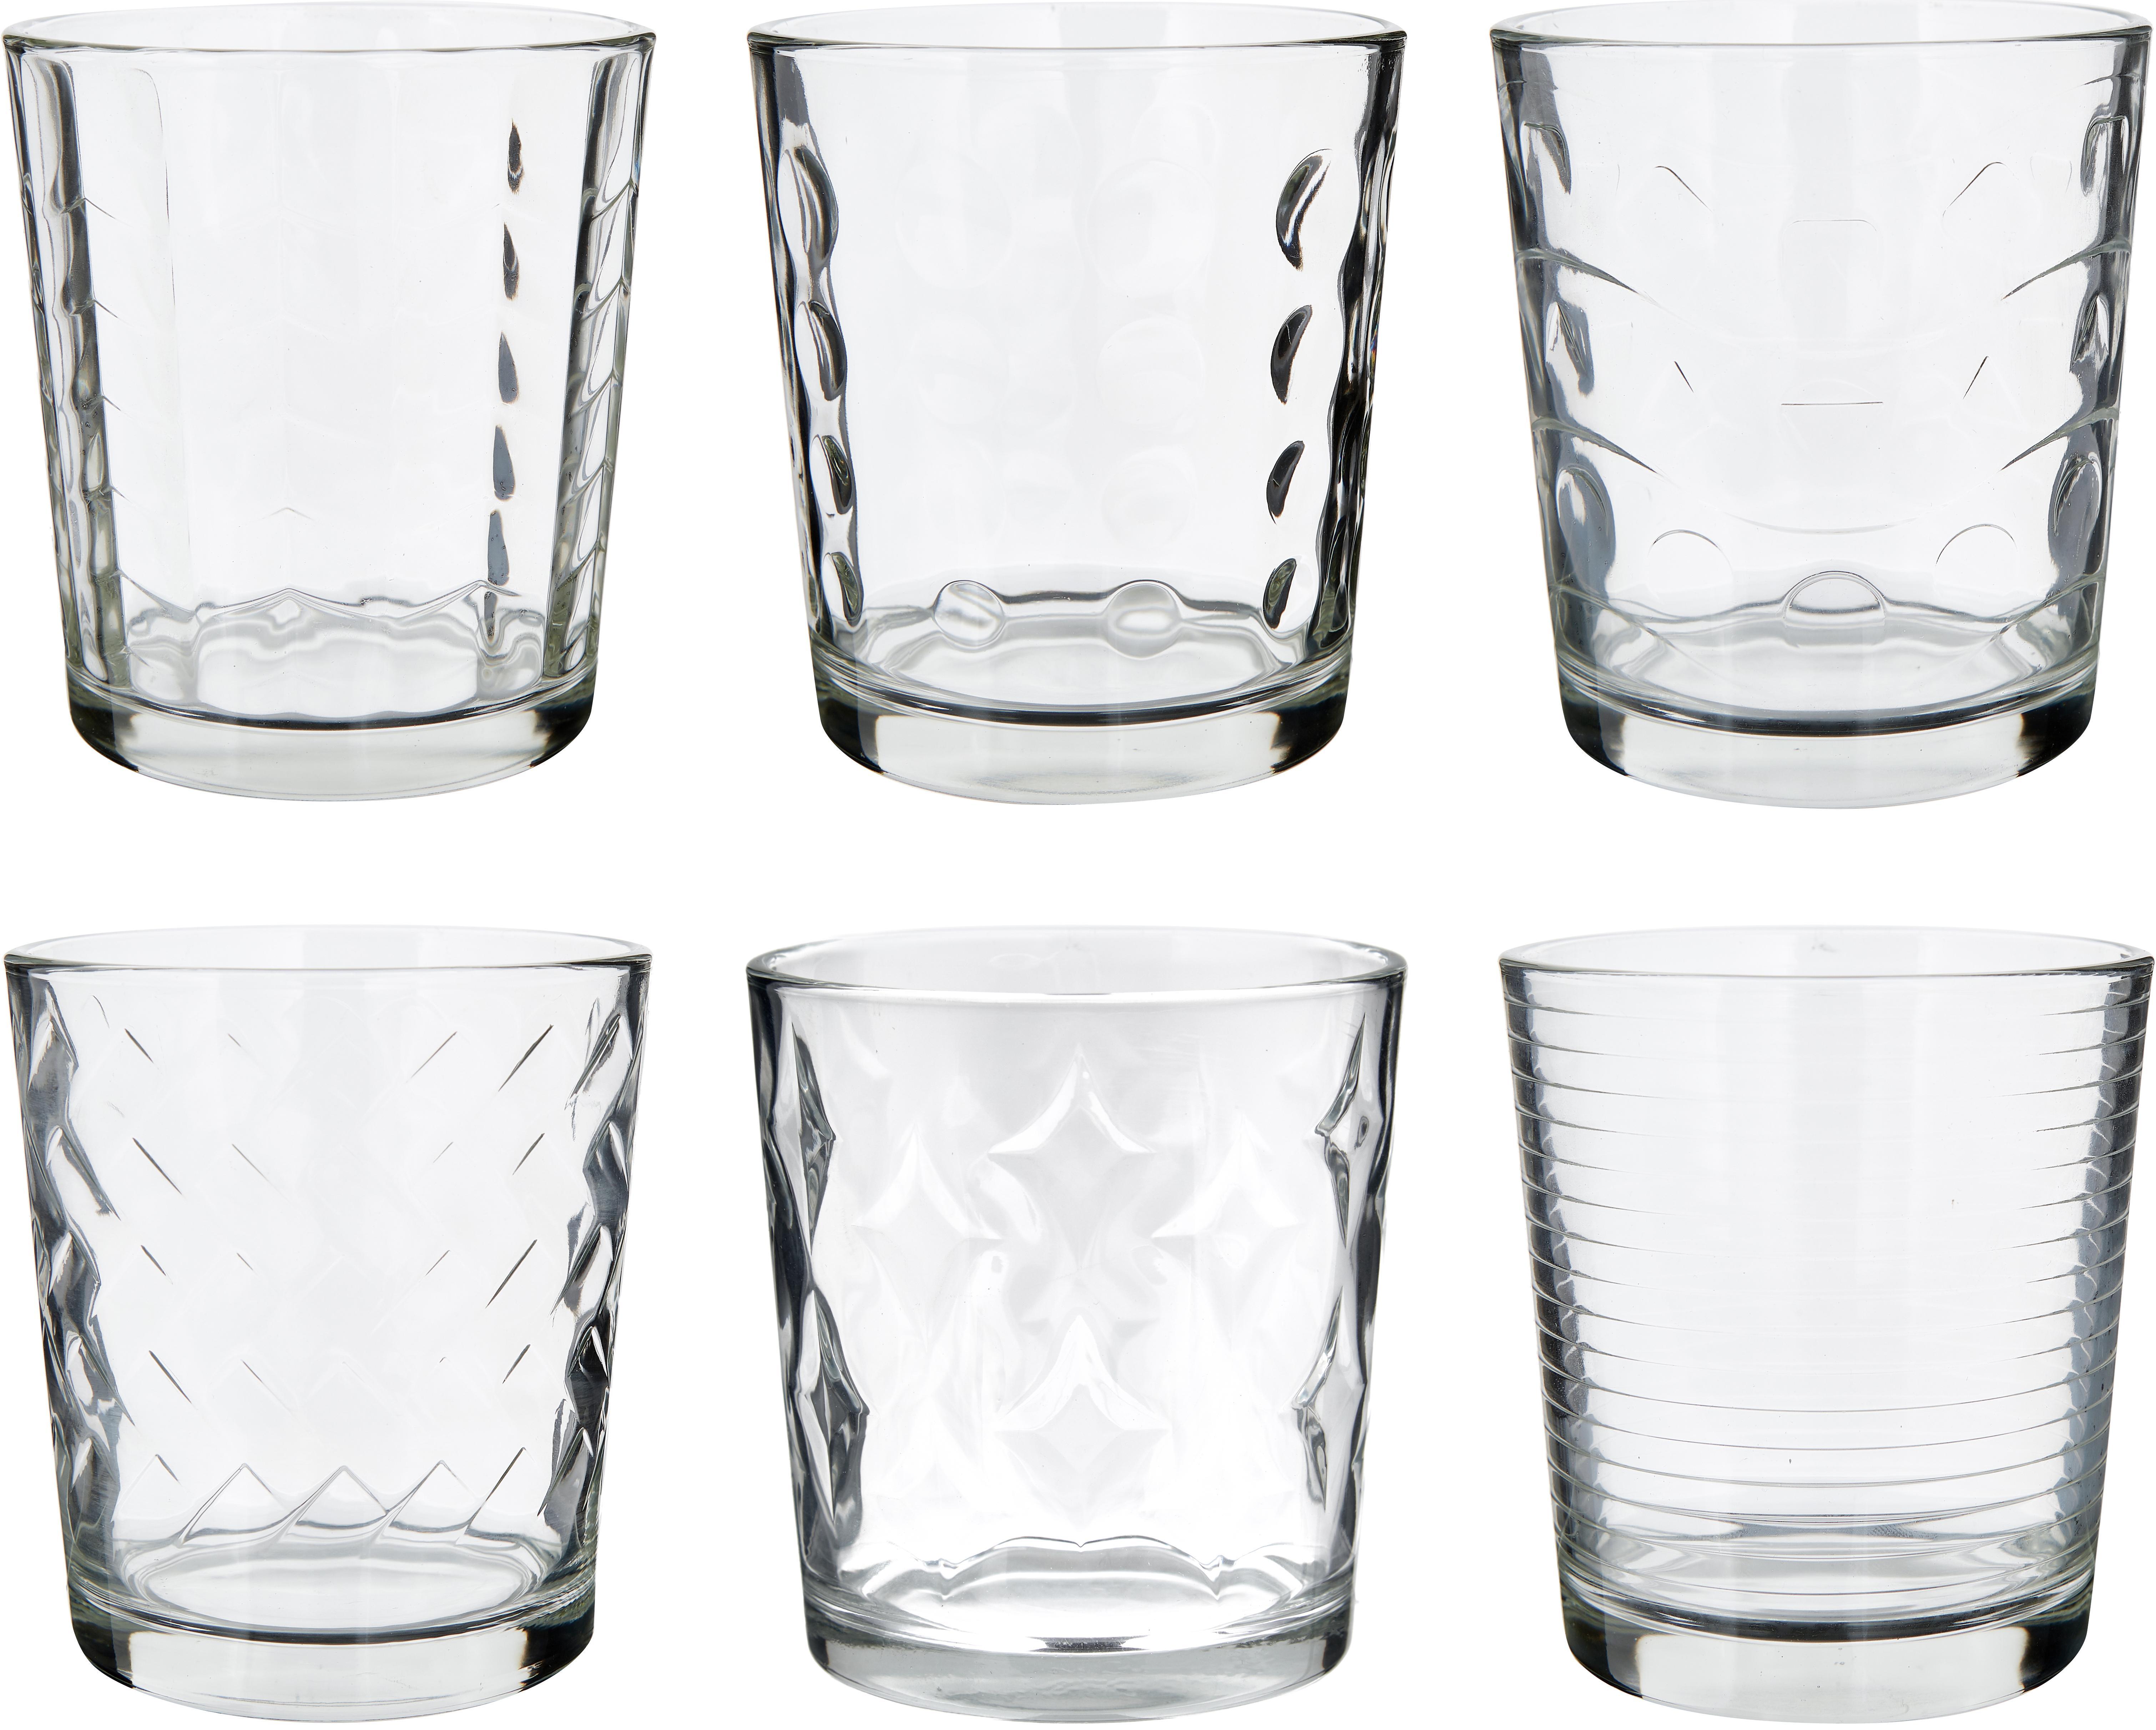 Waterglazenset Clear met verschillende structuur patronen, 6-delig, Glas, Transparant, Ø 9 x H 10 cm